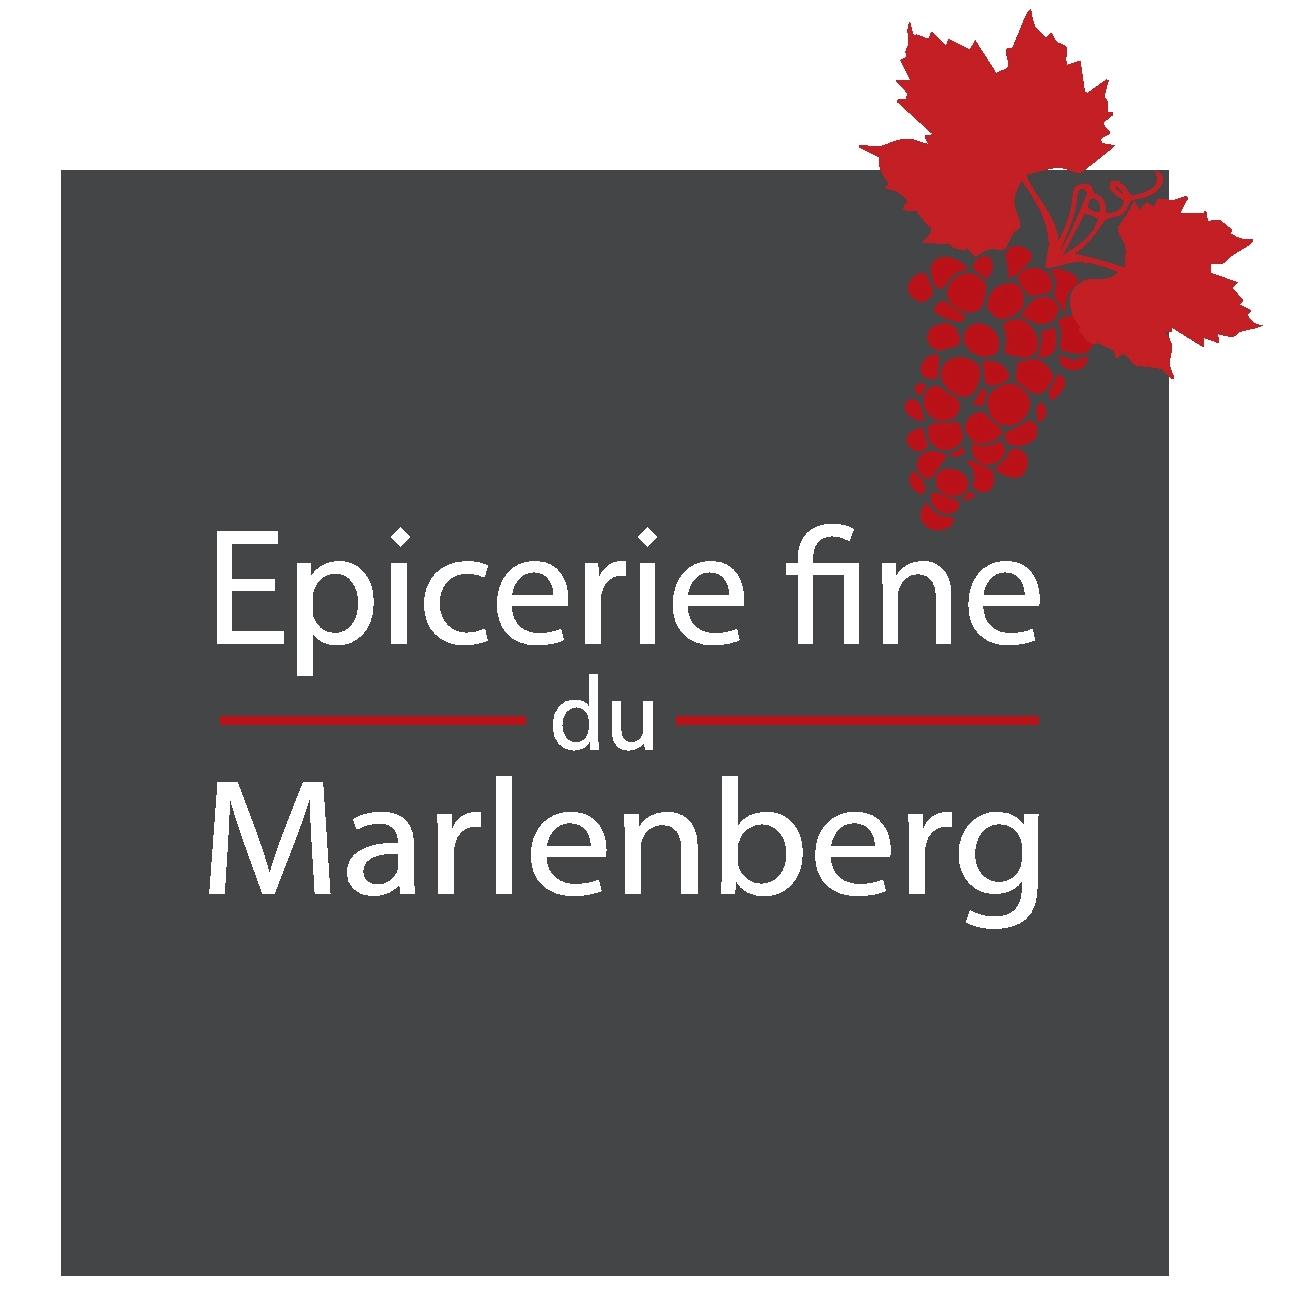 Epicerie fine du Marlenberg